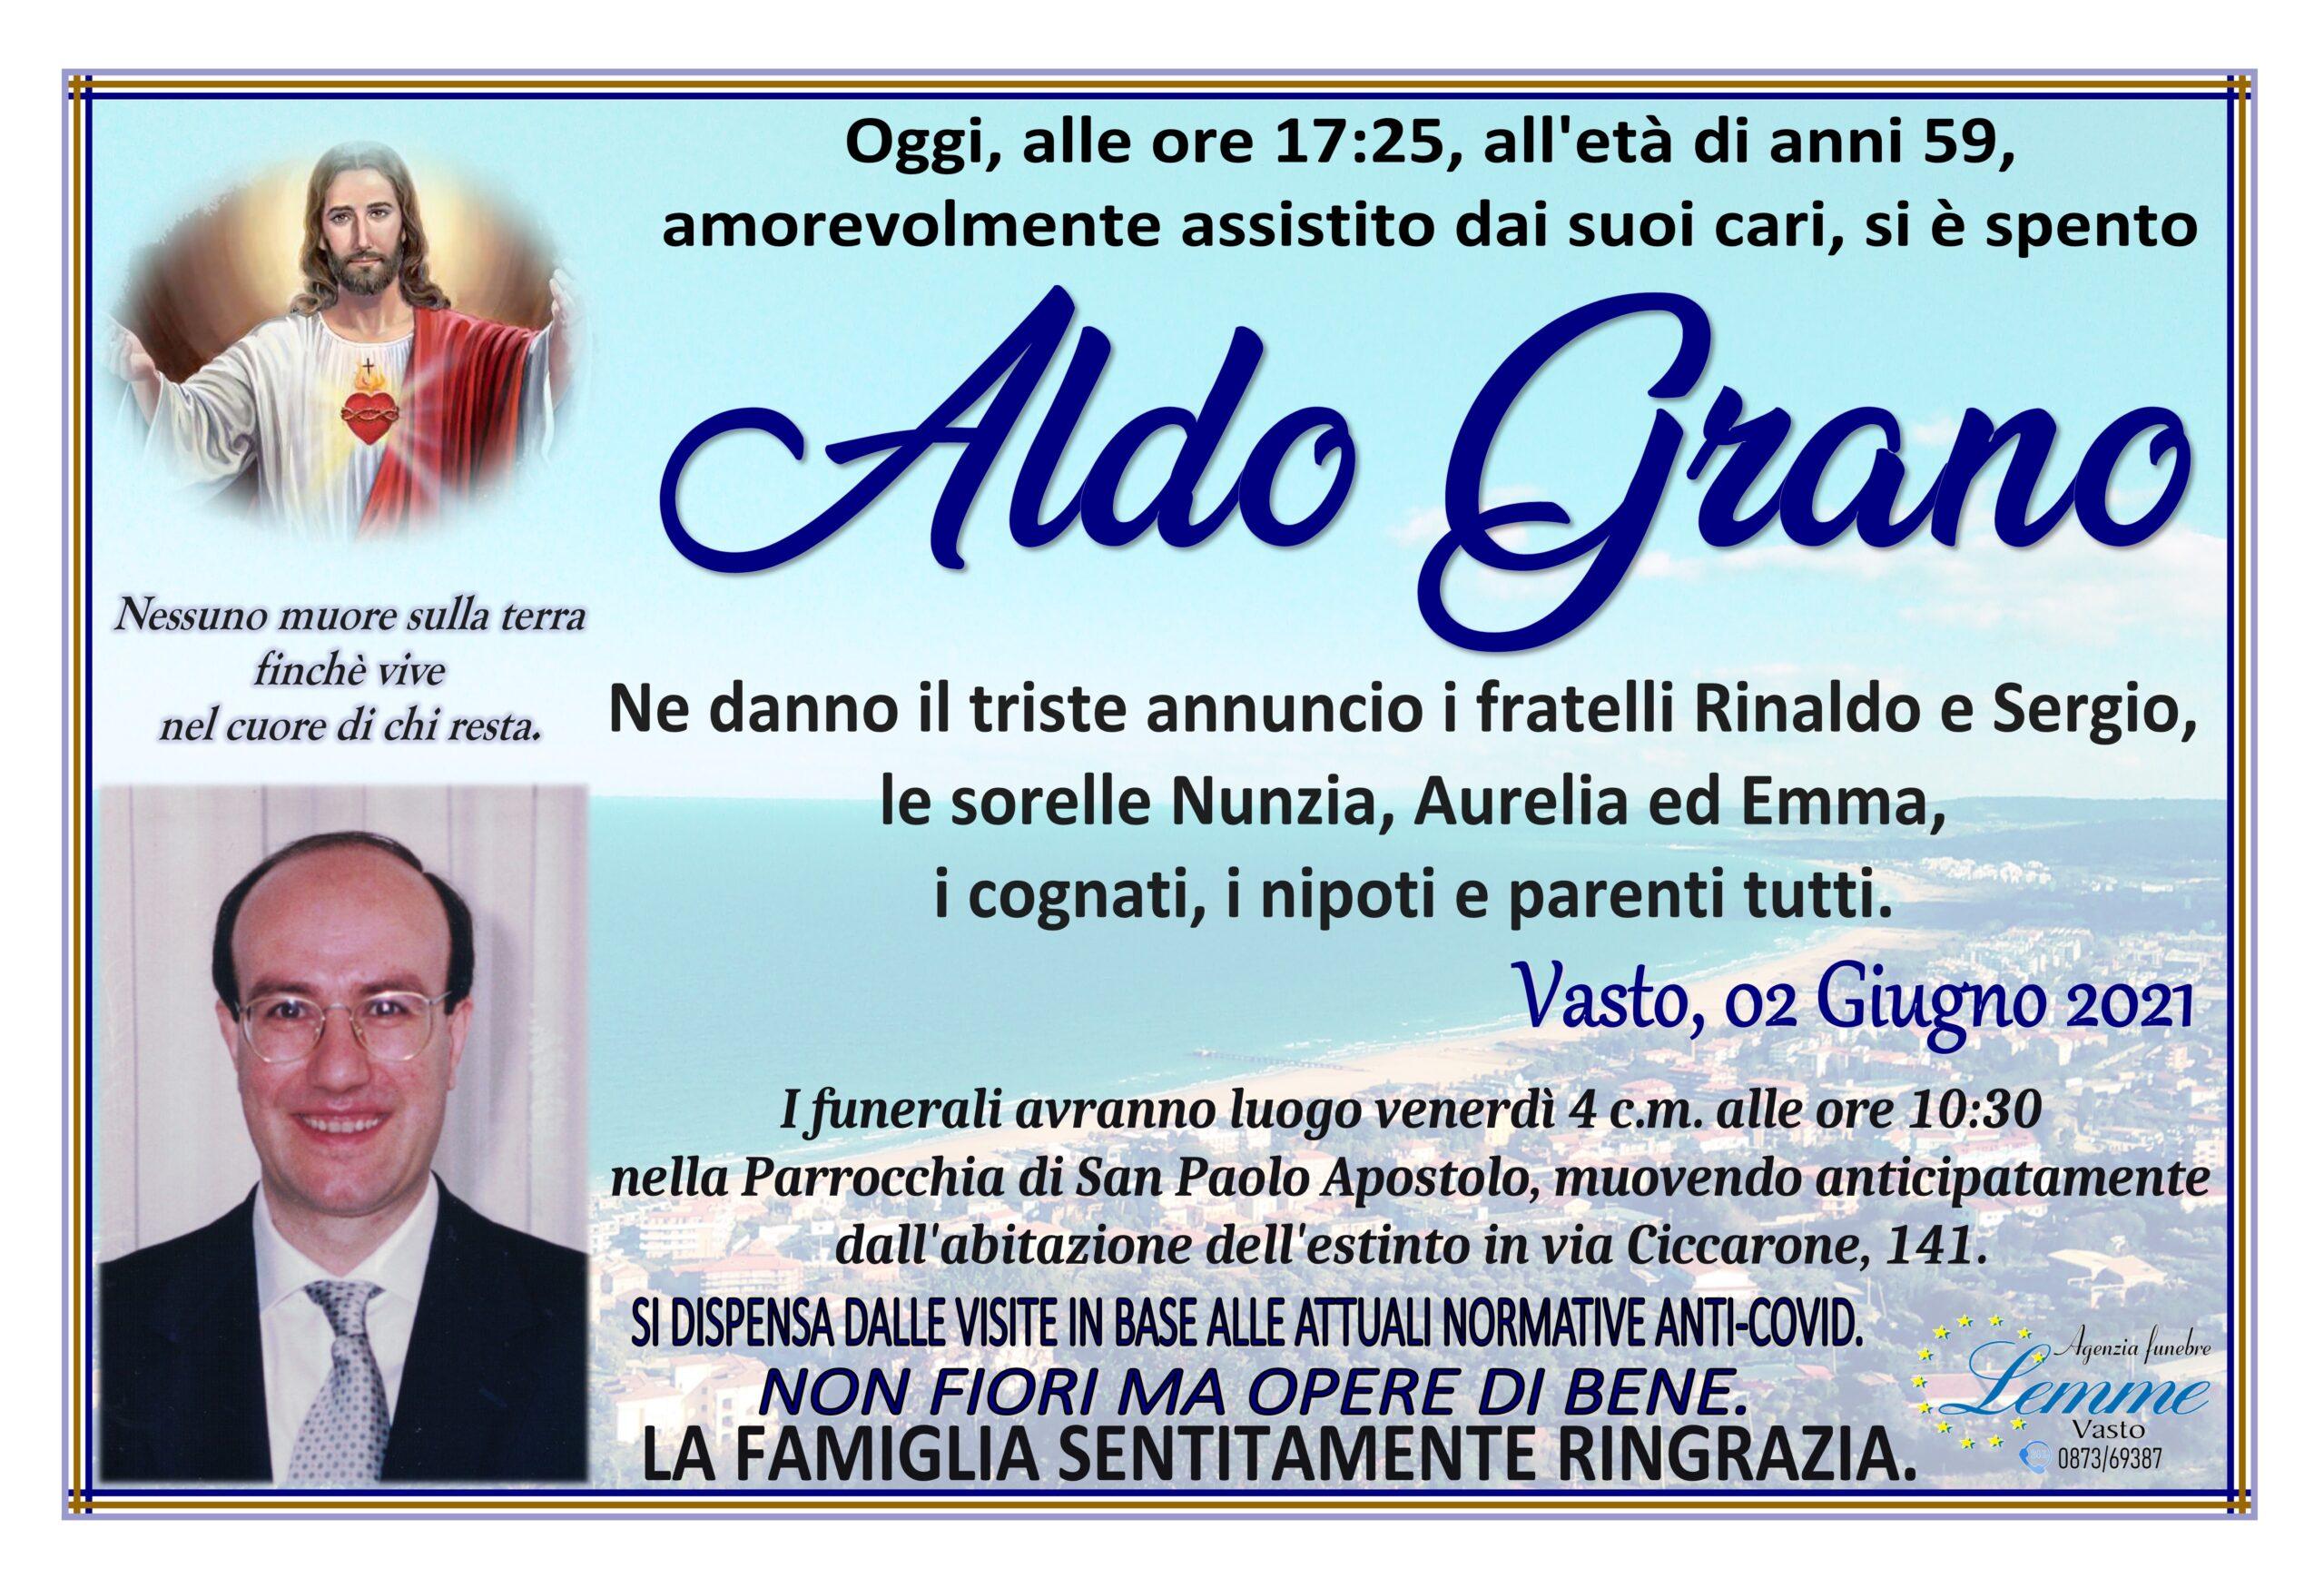 ALDO GRANO